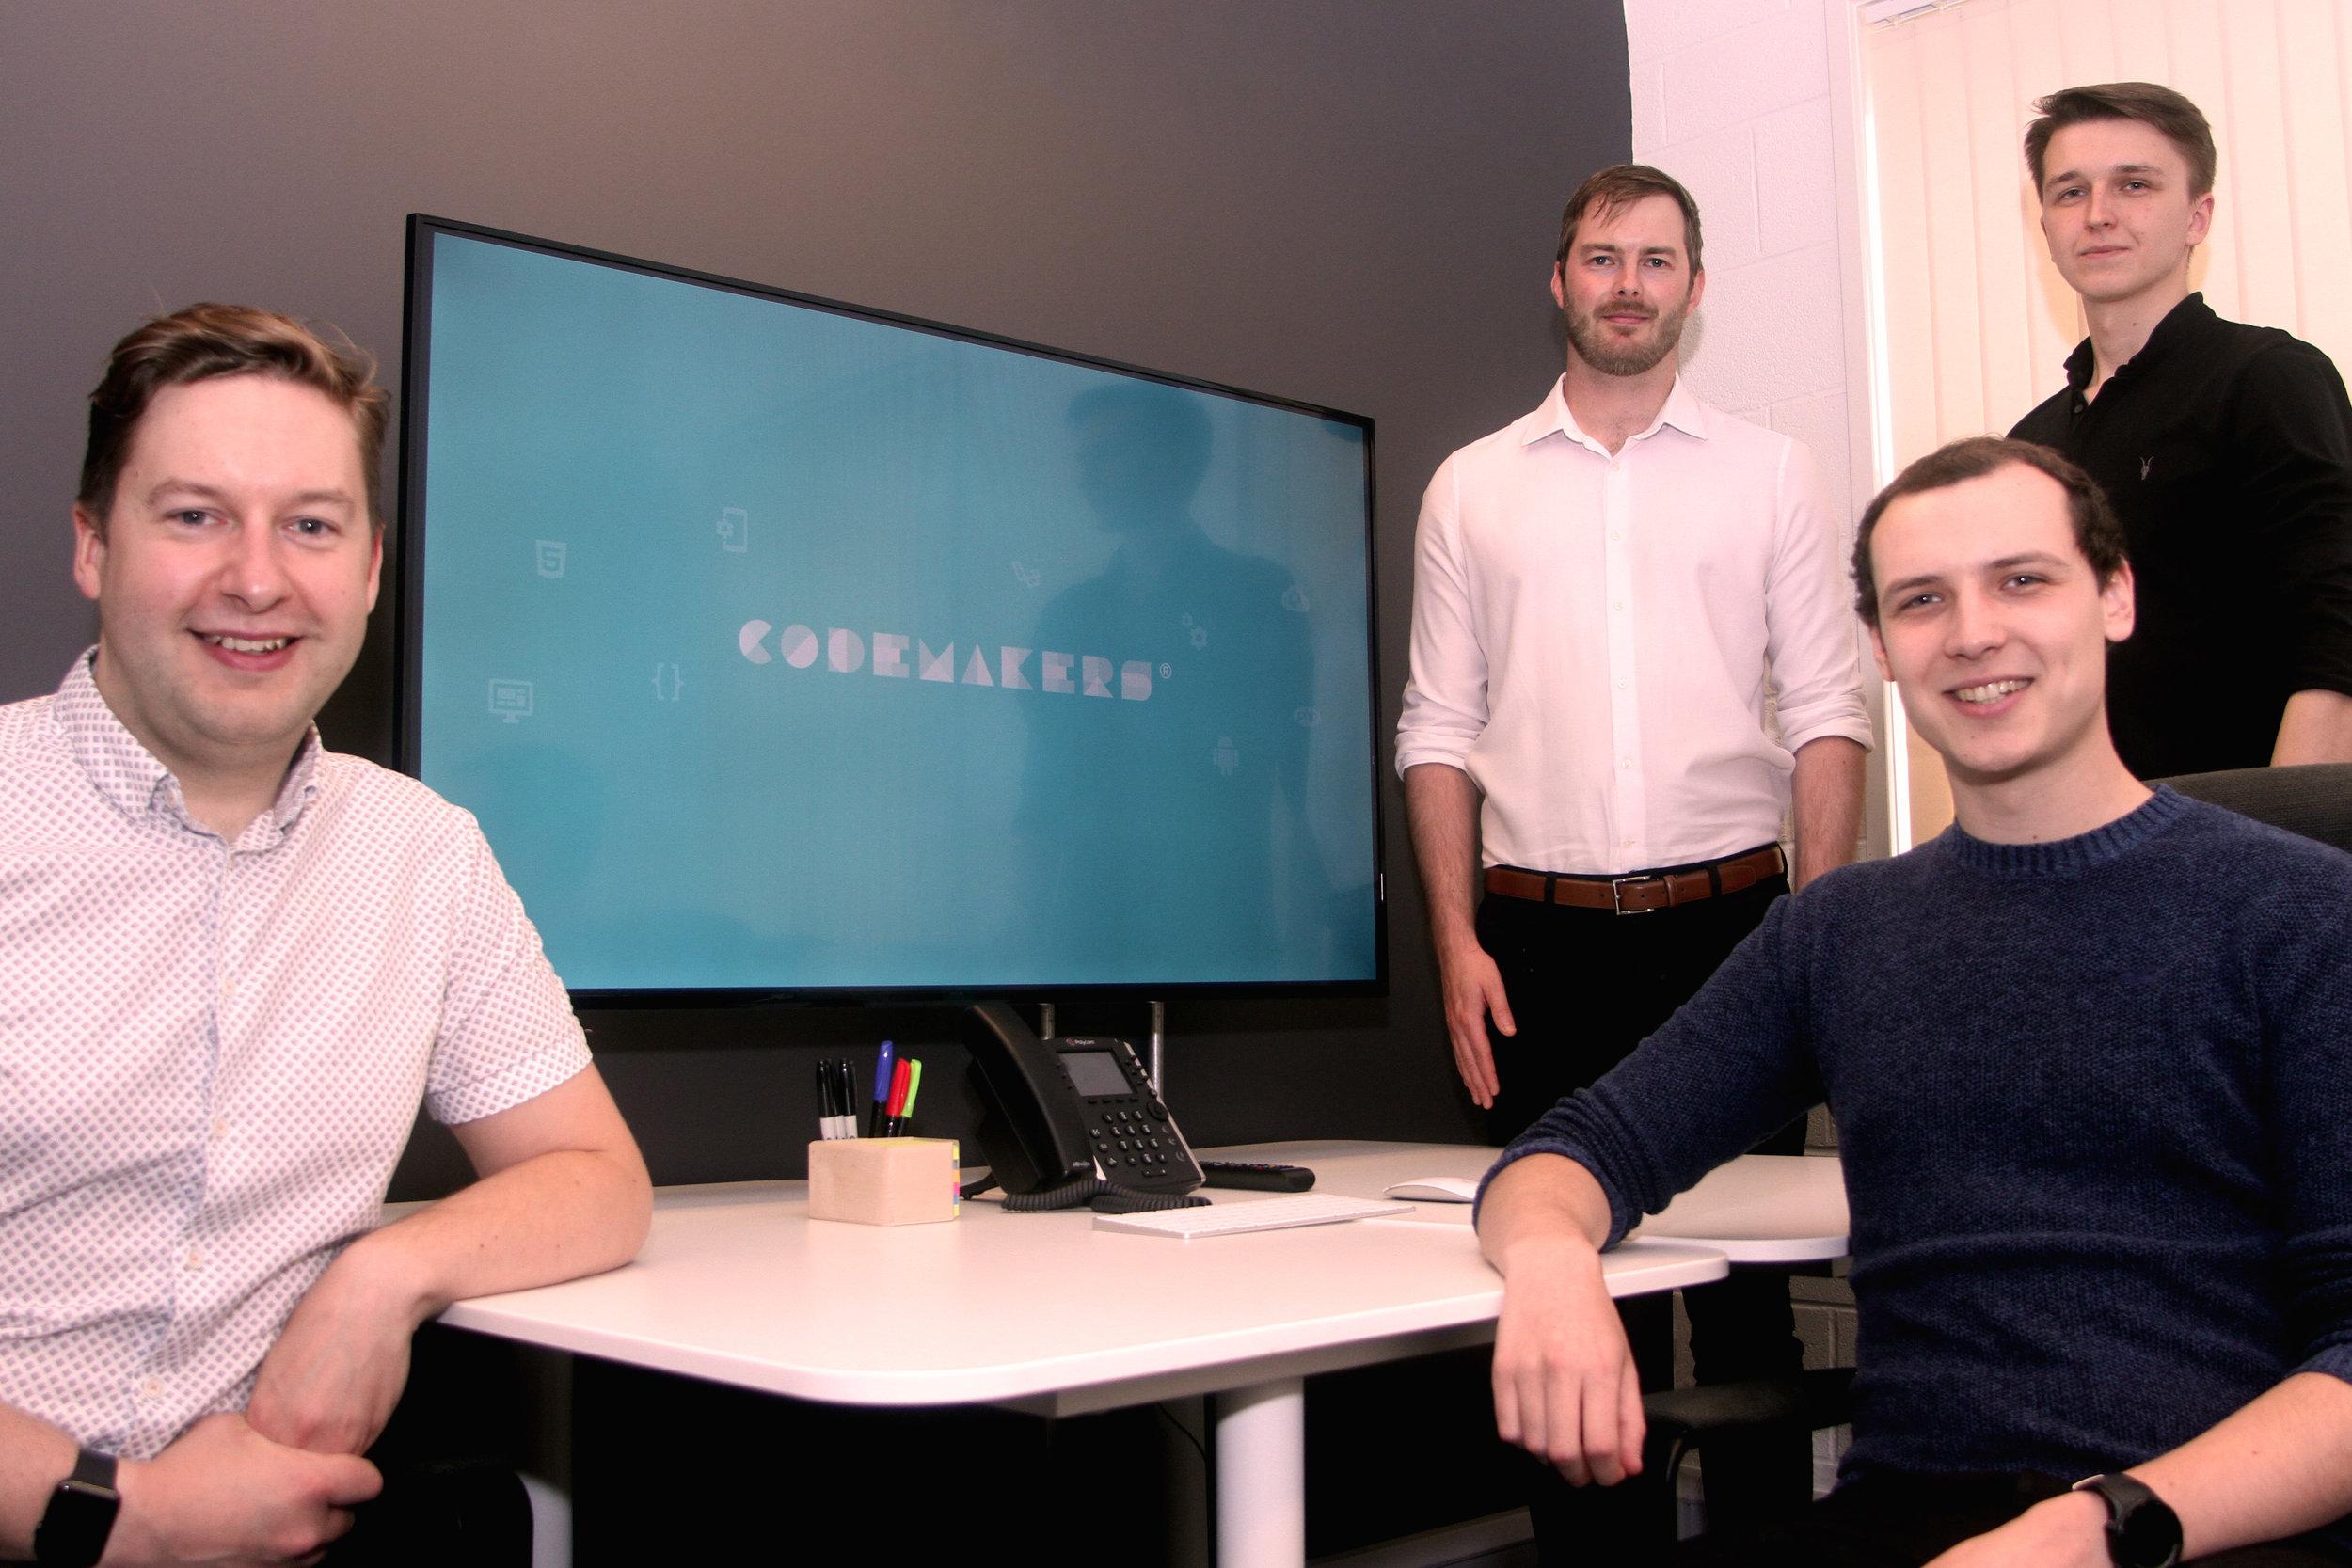 Codemakers.jpg